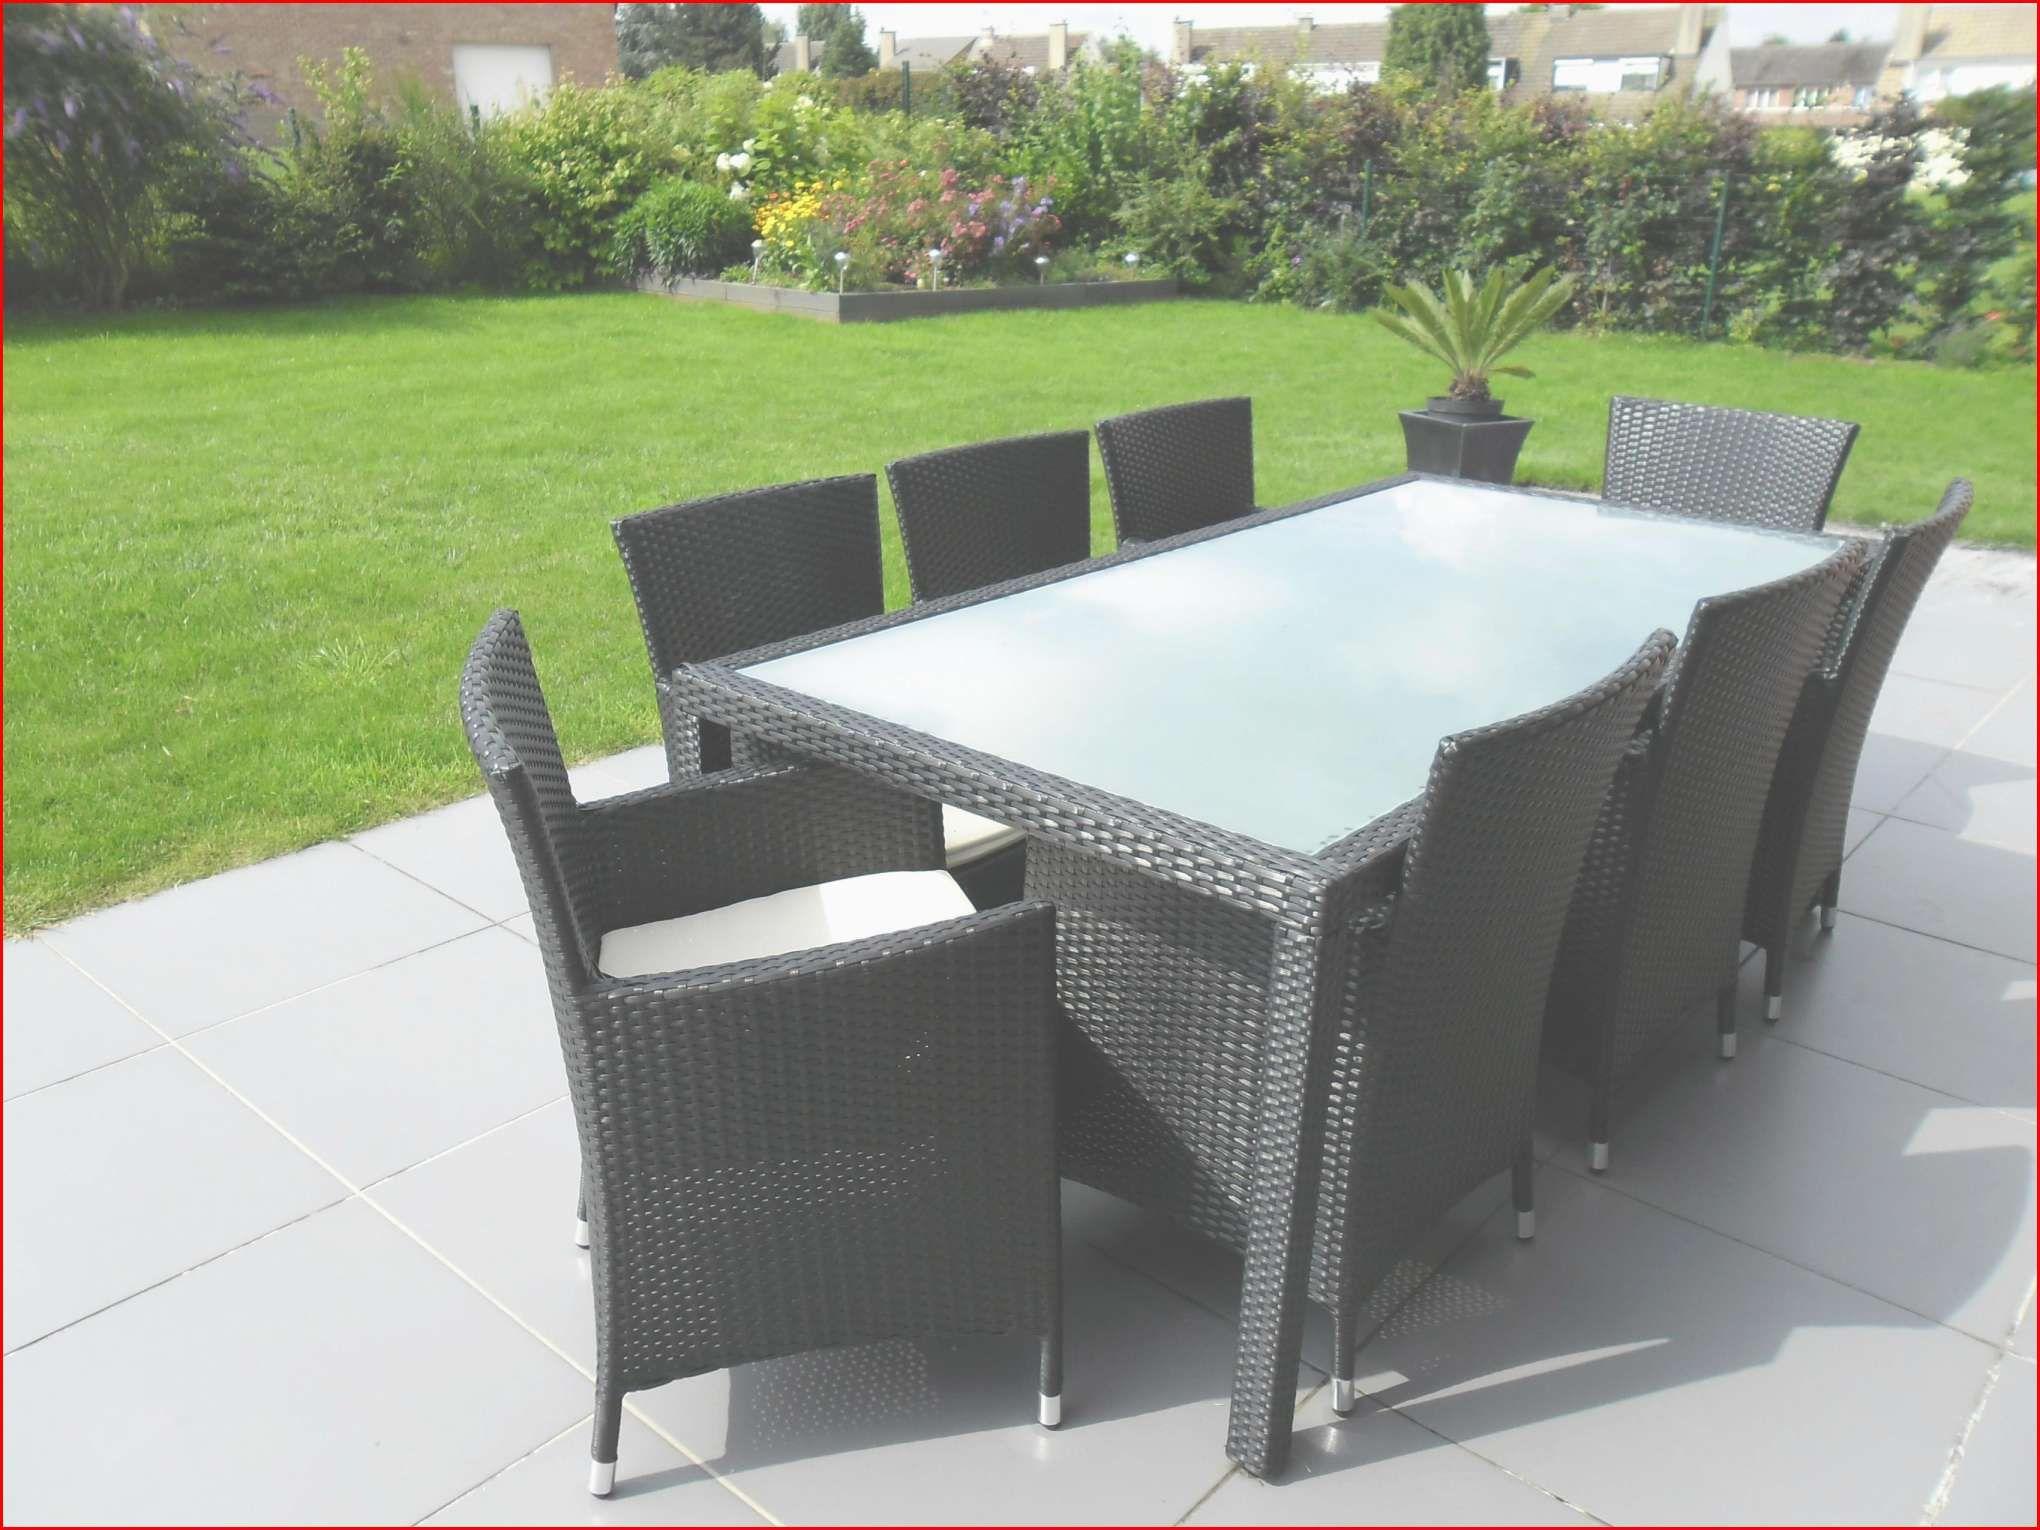 Pin On Home Design Ideas tout Salon De Jardin Rasine Tressae